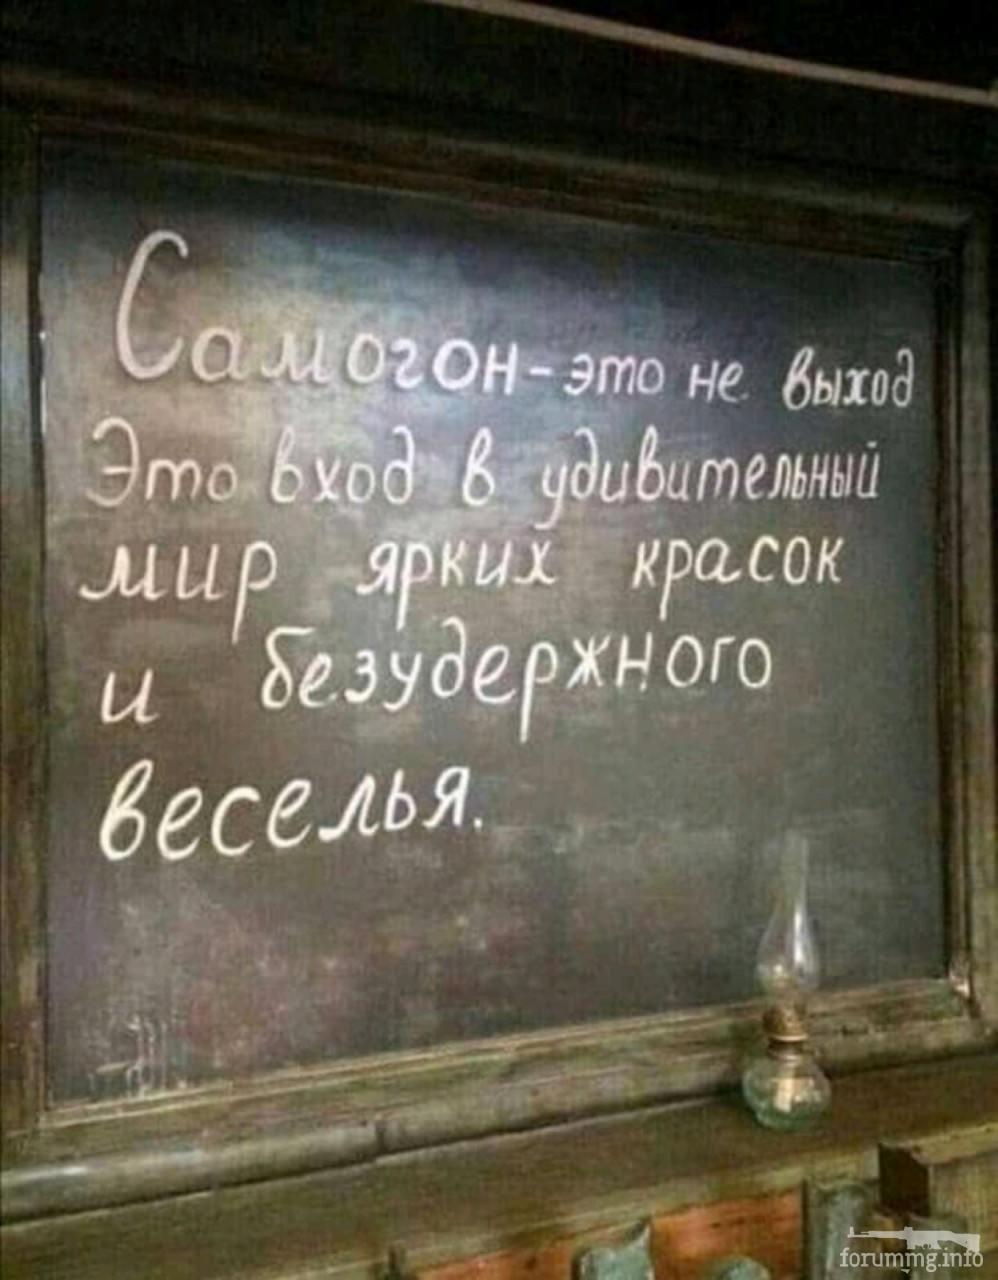 117473 - Пить или не пить? - пятничная алкогольная тема )))